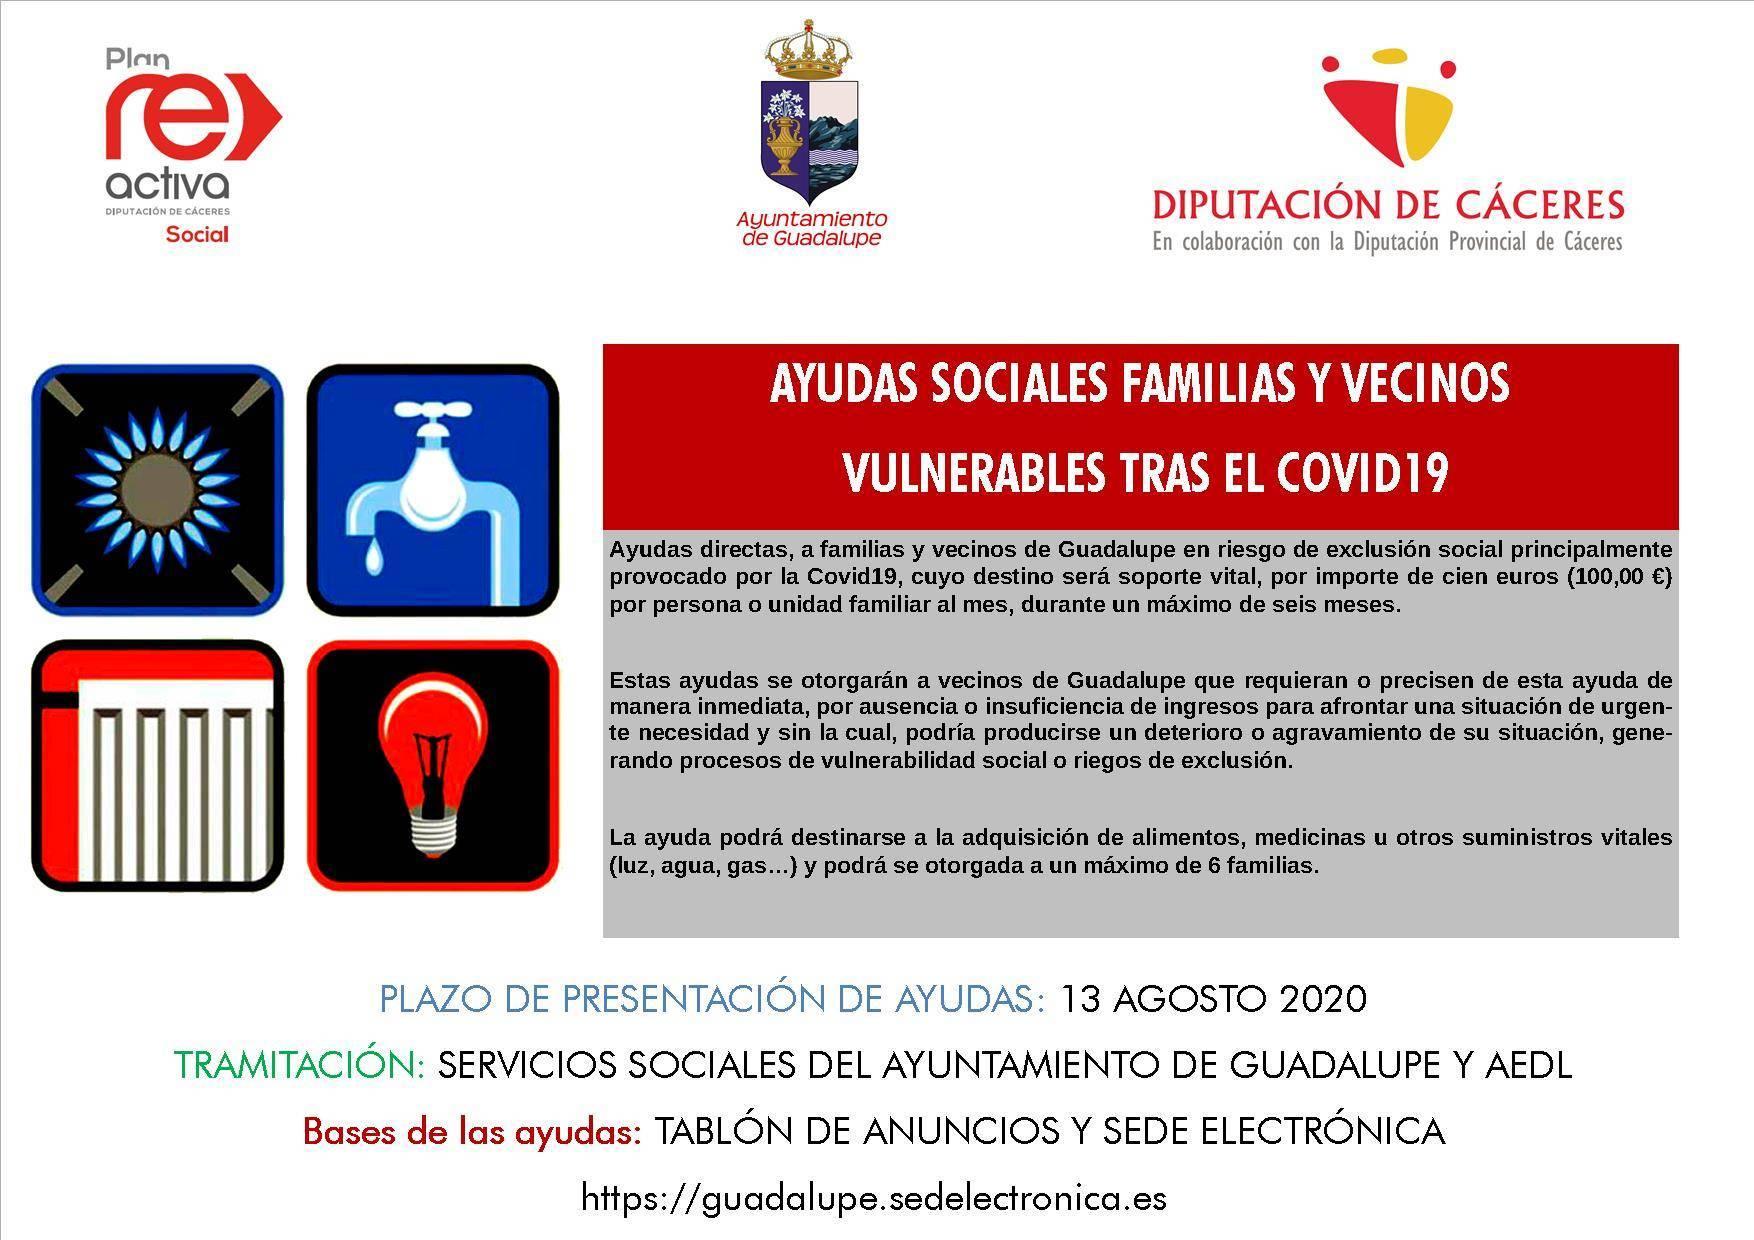 Ayudas sociales tras el COVID-19 2020 - Guadalupe (Cáceres)